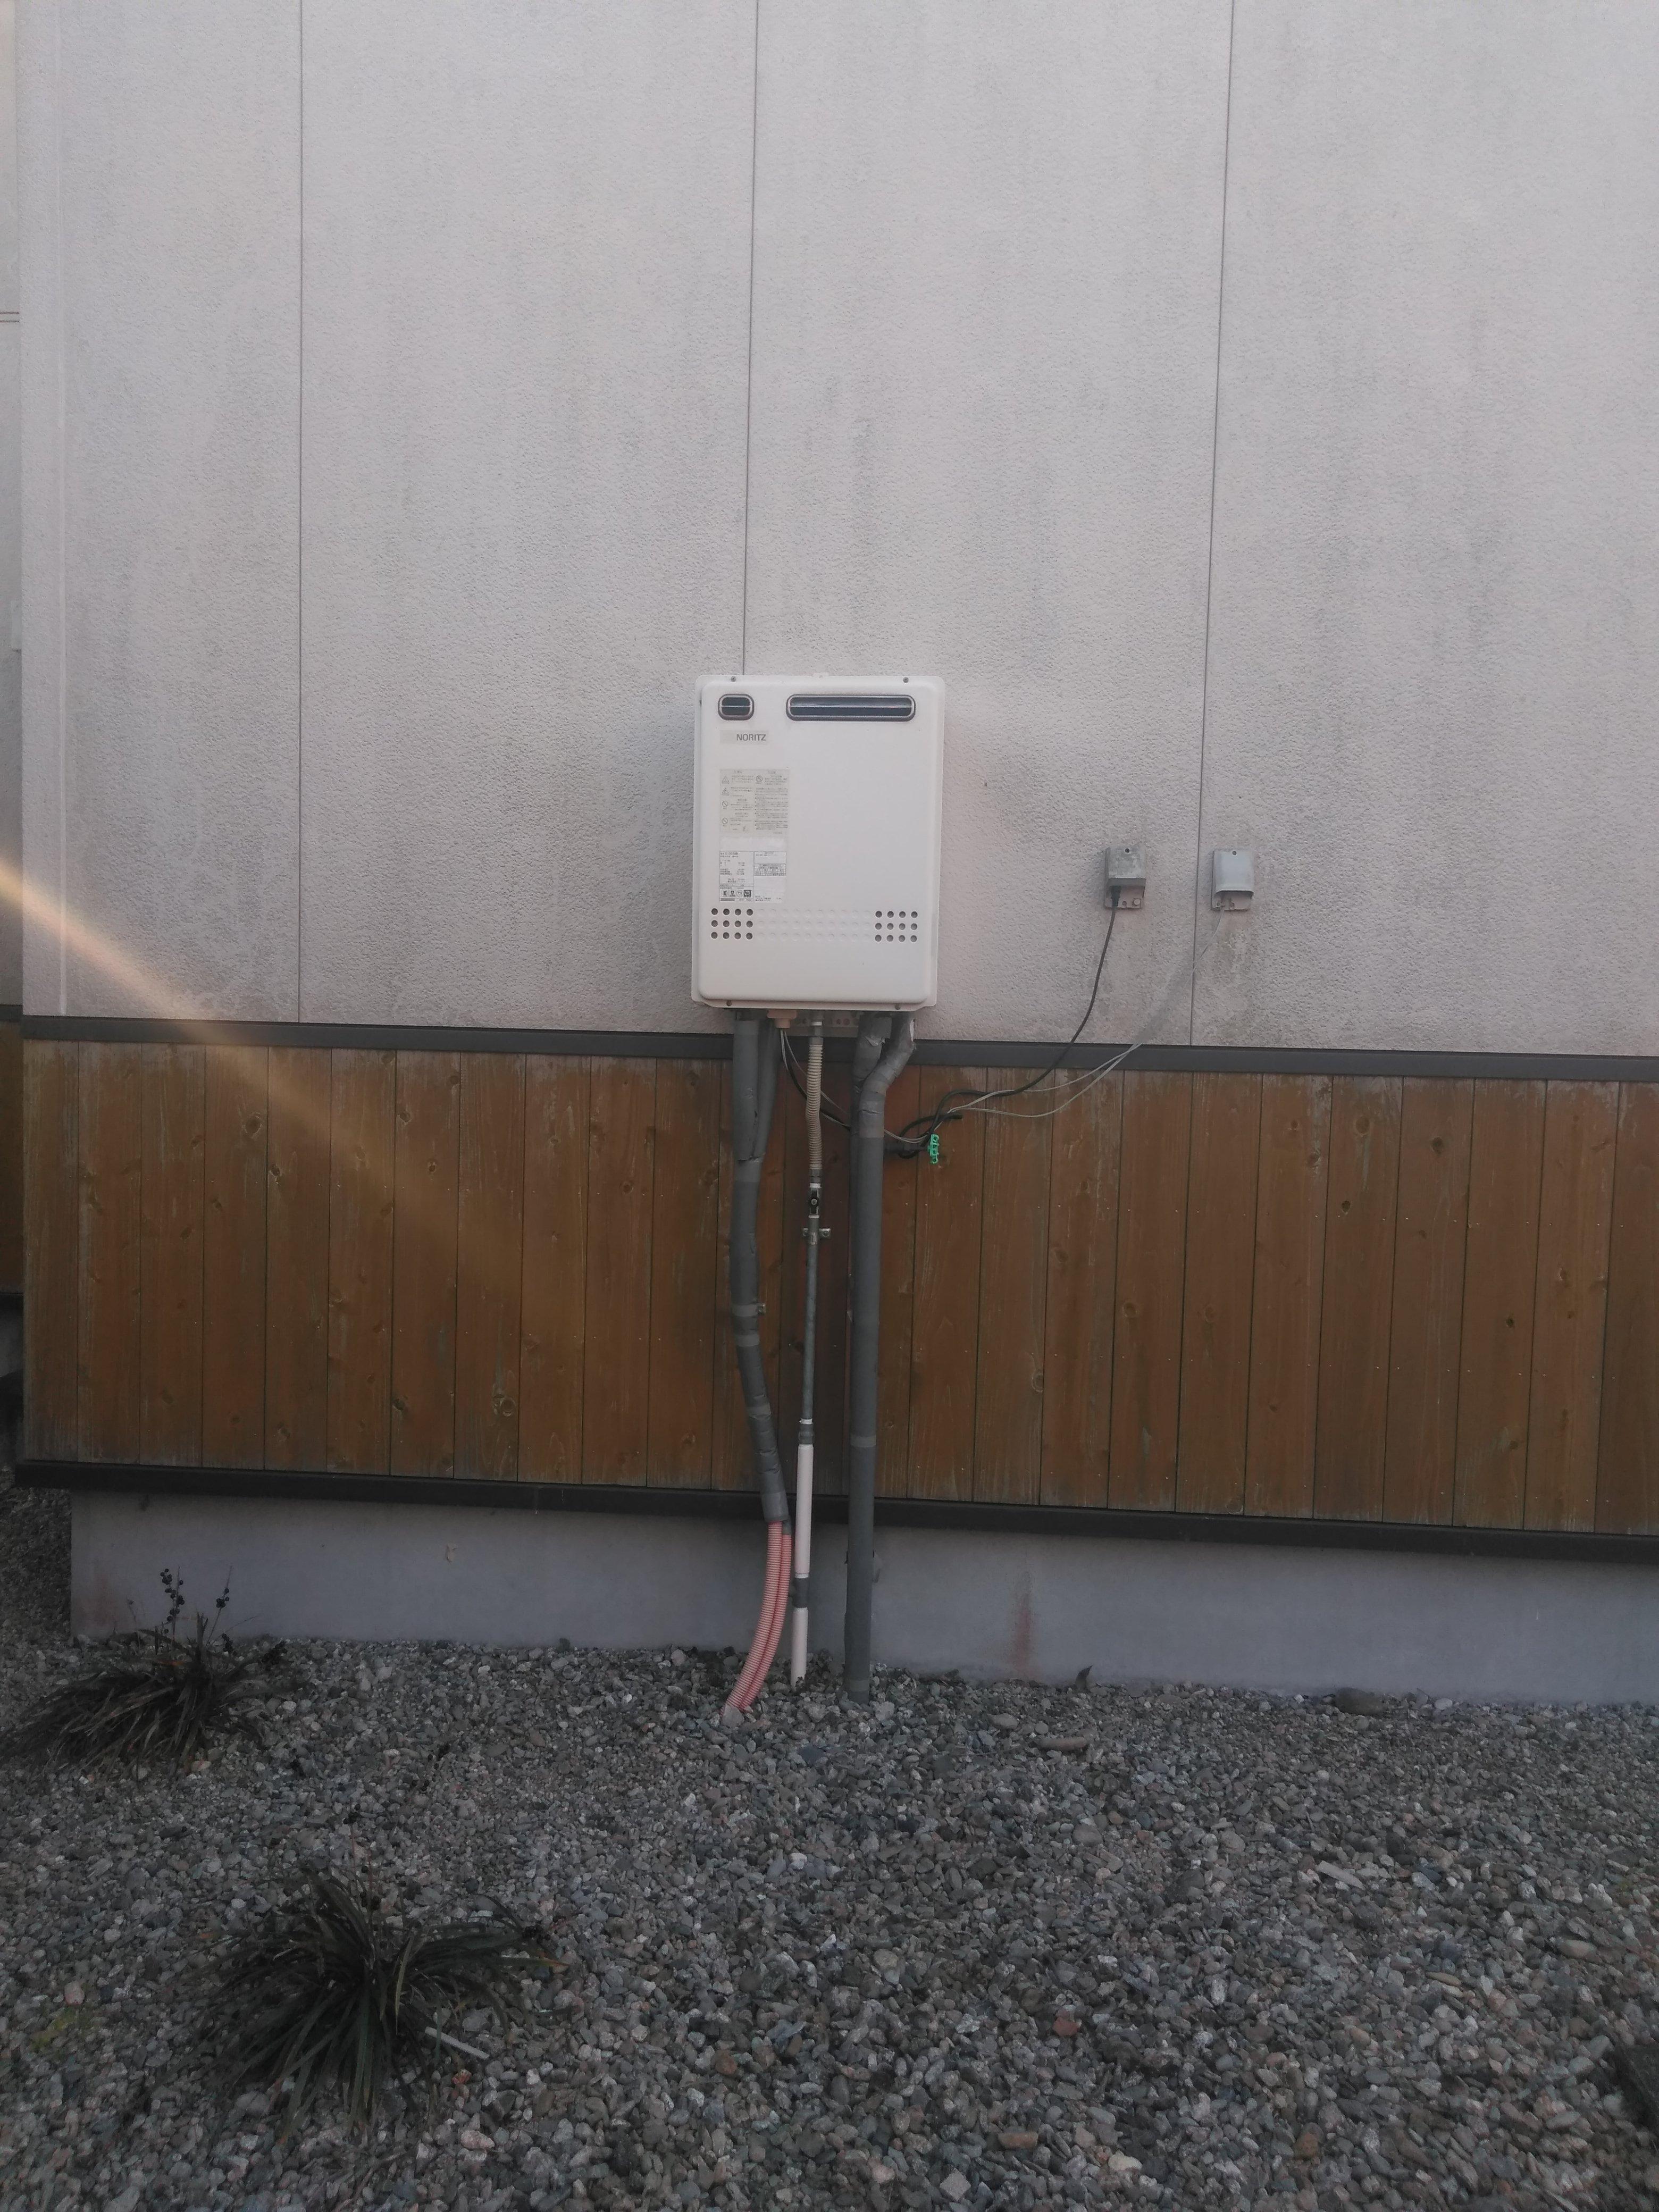 兵庫県三菱IHクッキングヒーター三菱エコキュート奈良県 H様邸 エコキュート工事施工前の写真